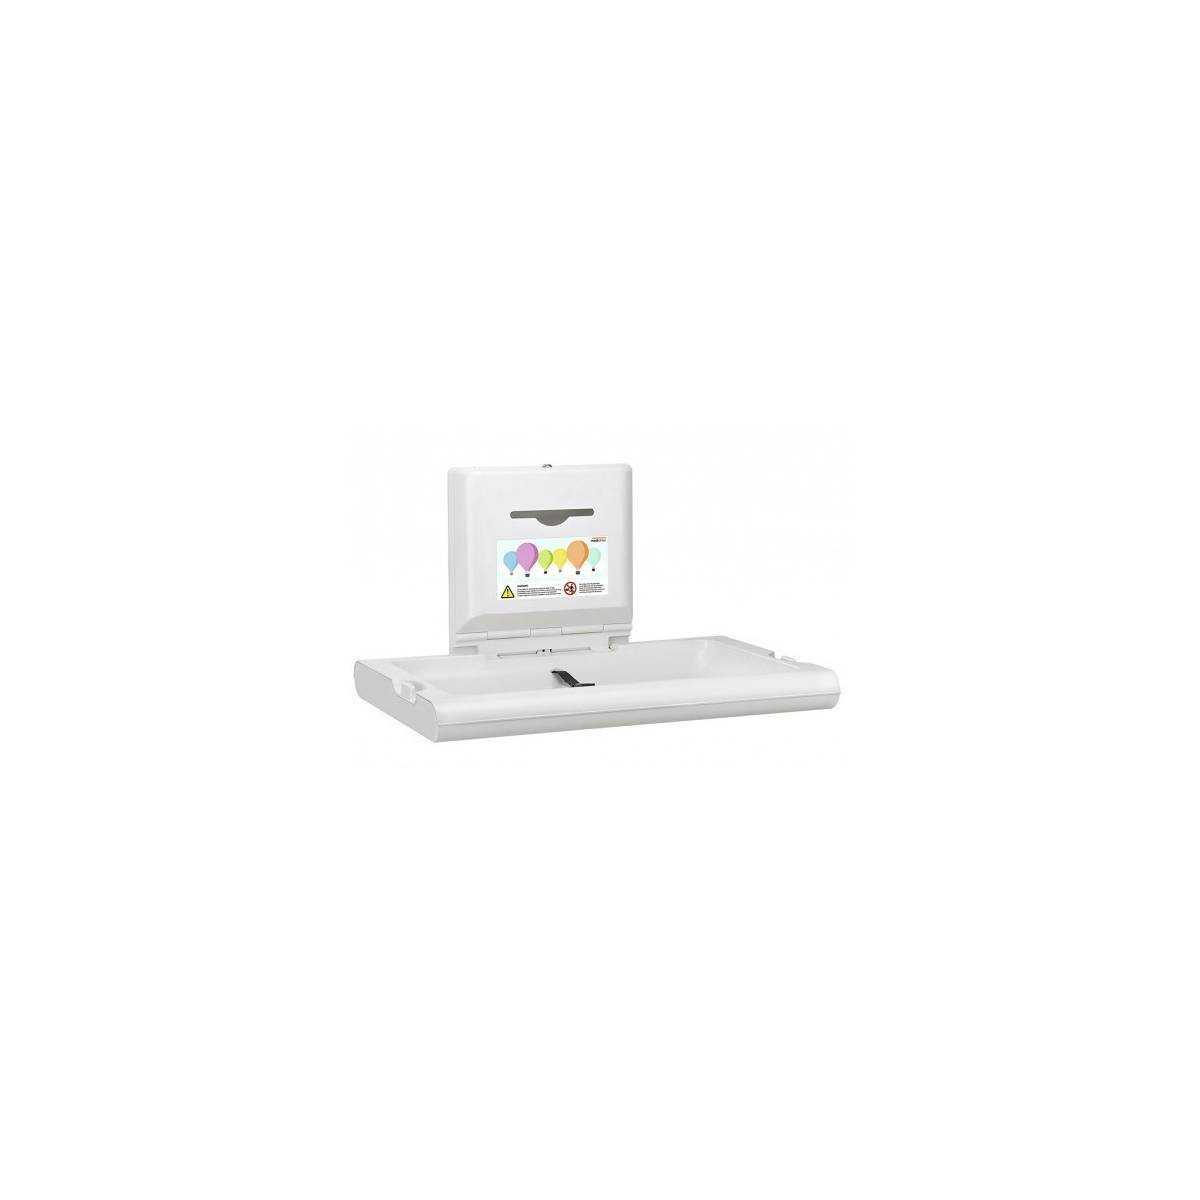 Пеленальный столик настенный откидной горизонтальный (CP0016H) CP0016H Mediclinics